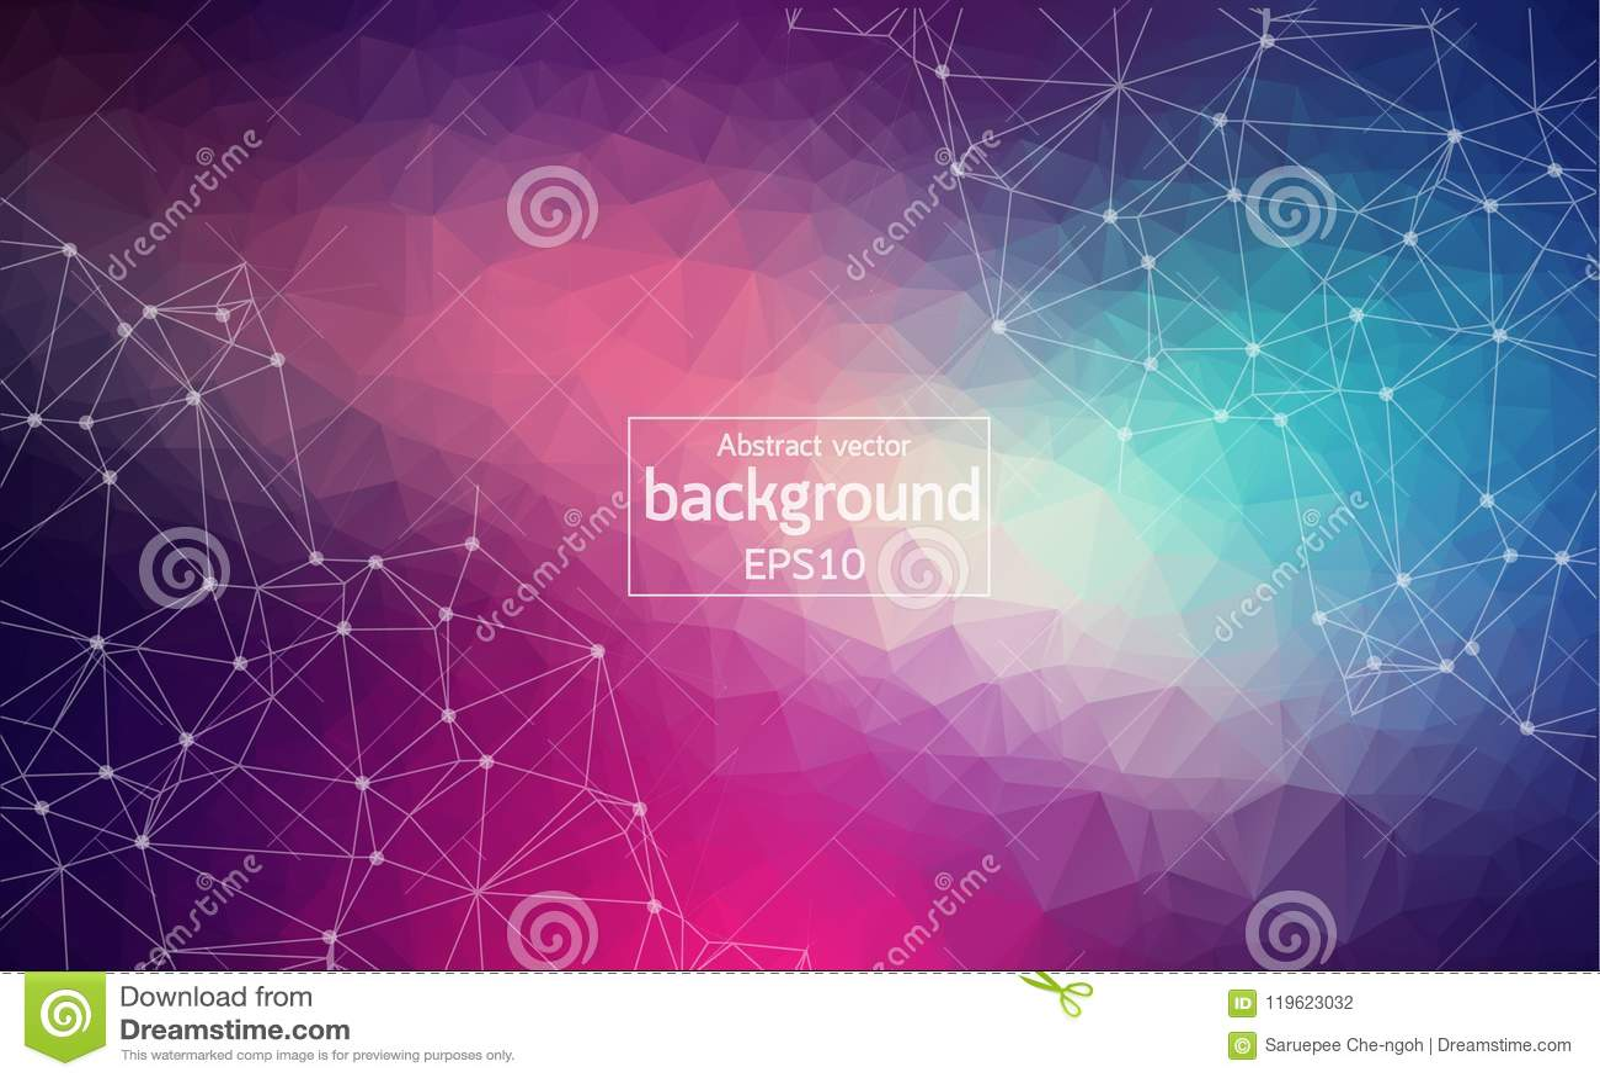 Abstraktes dunkles purpurrotes helles geometrisches polygonales Hintergrundmolekül und -kommunikation Verbundene Linien mit Punkt